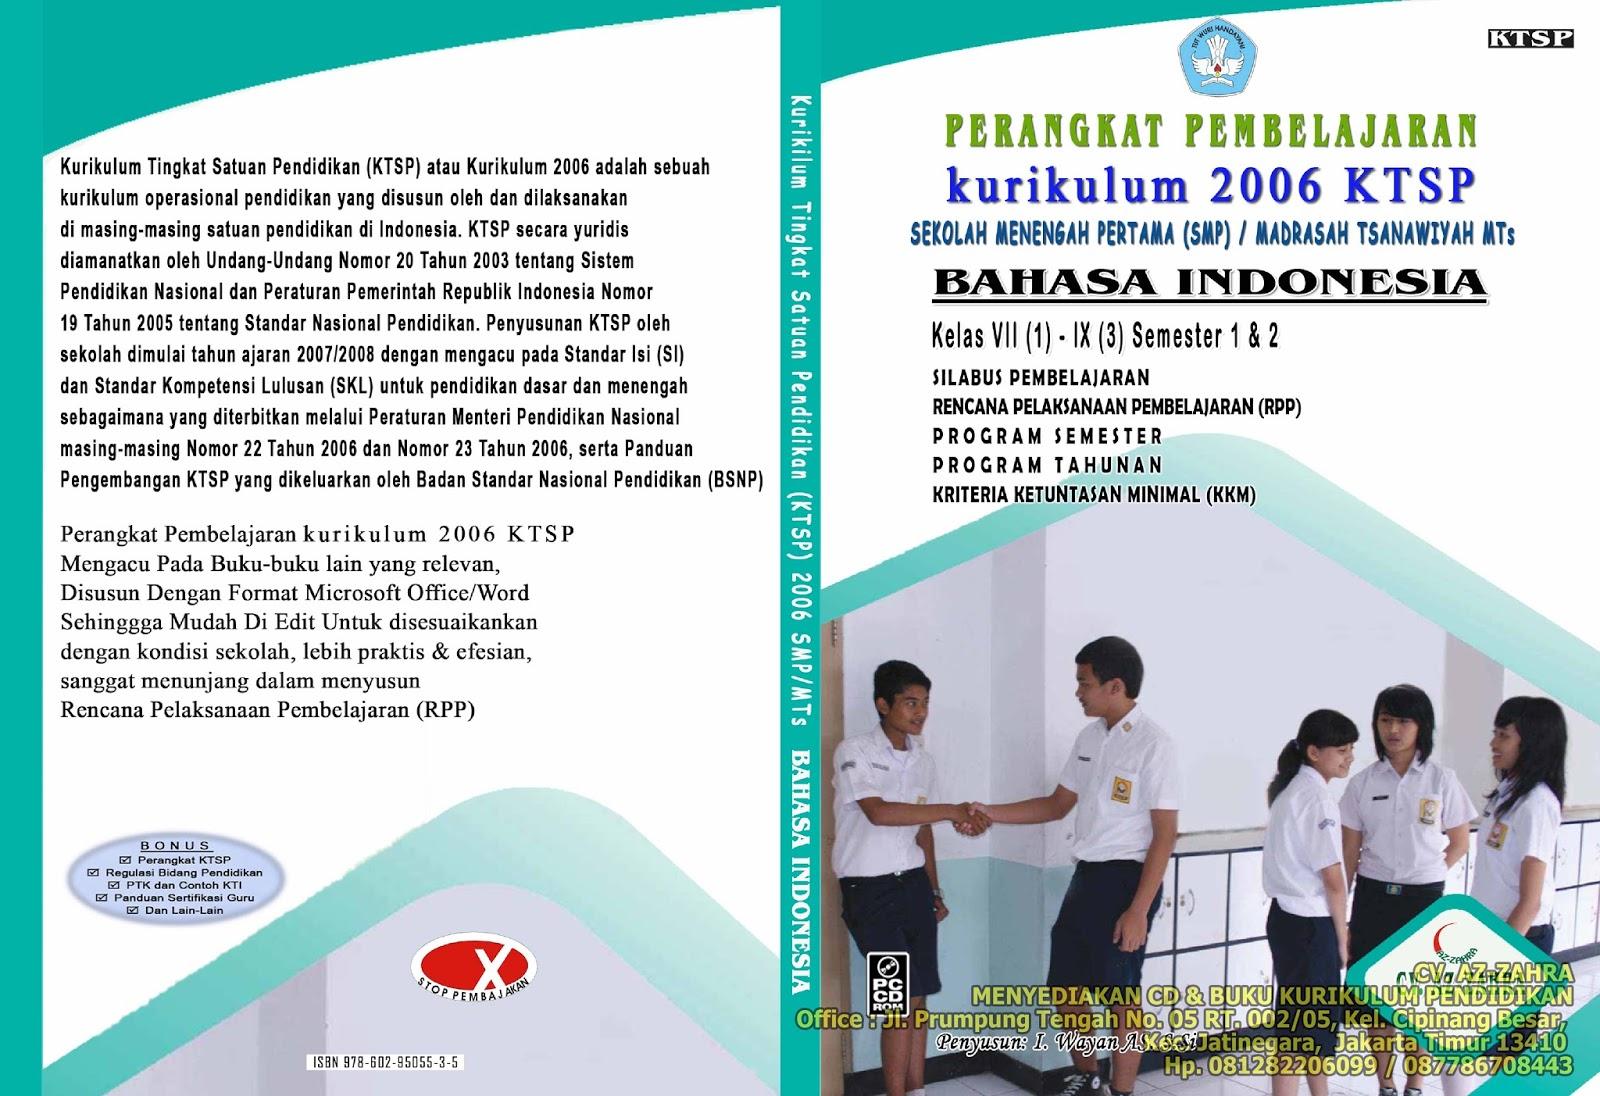 Perangkat Pembelajaran Rpp Smp Ktsp 2006 Perangkat Pembelajaran